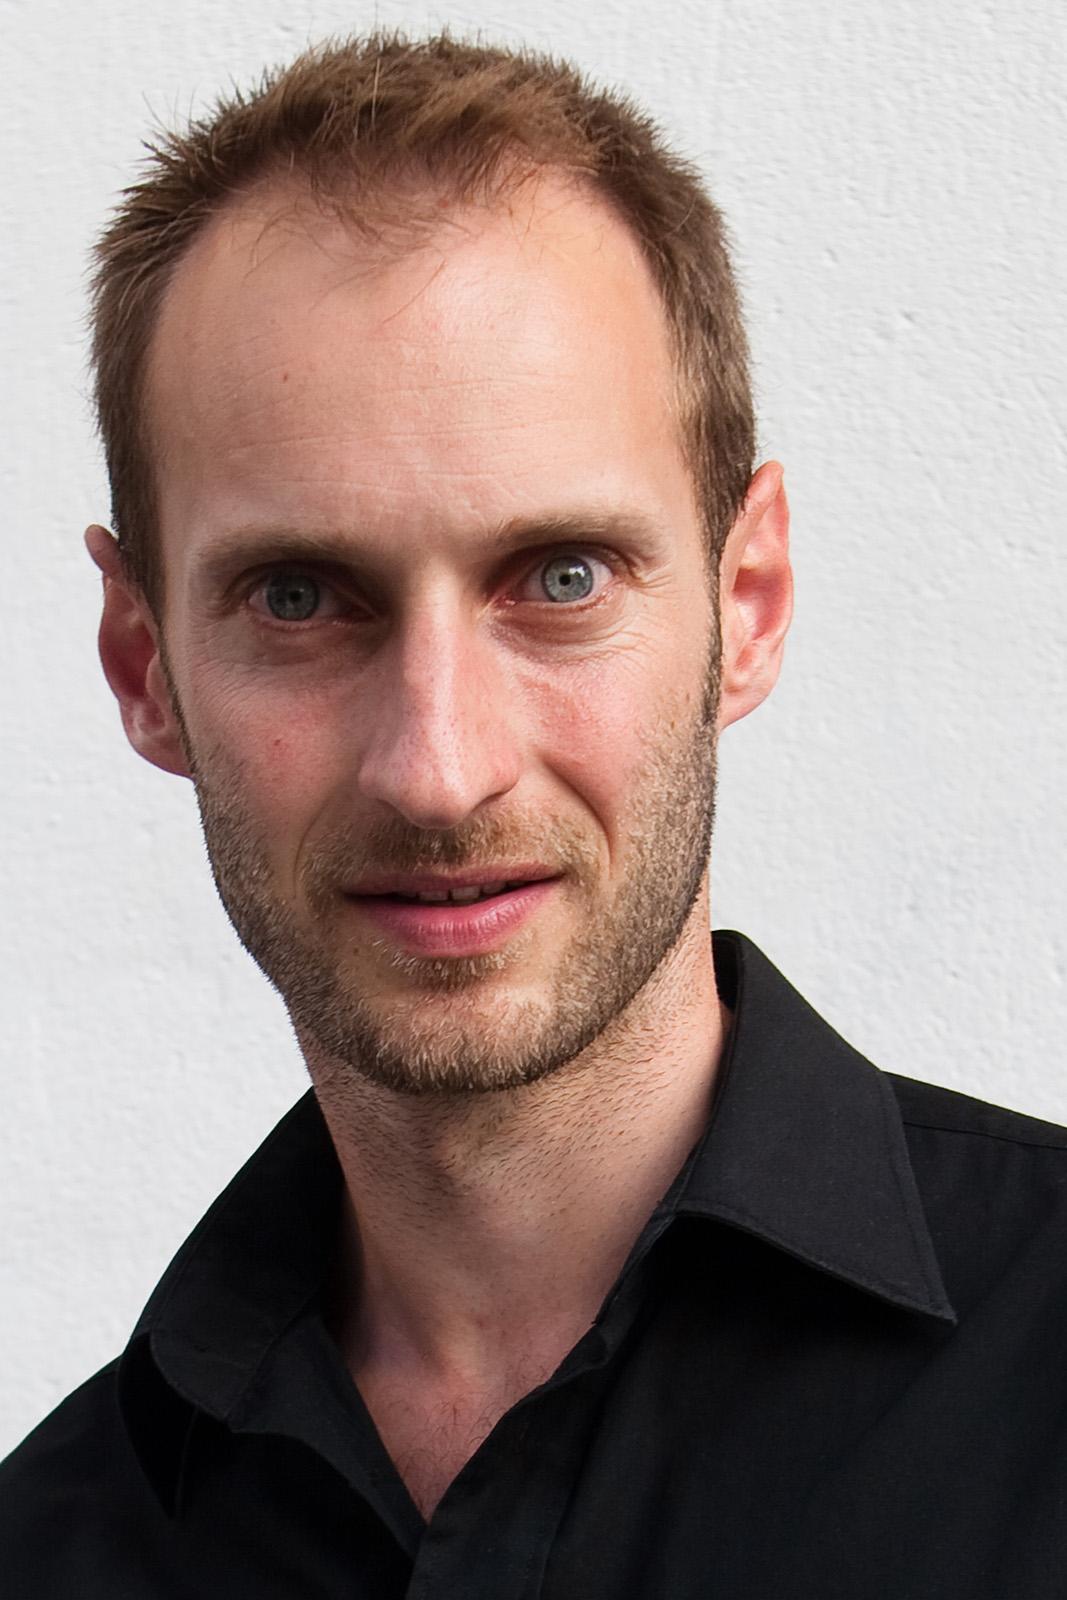 Image of Franck Vogel from Wikidata